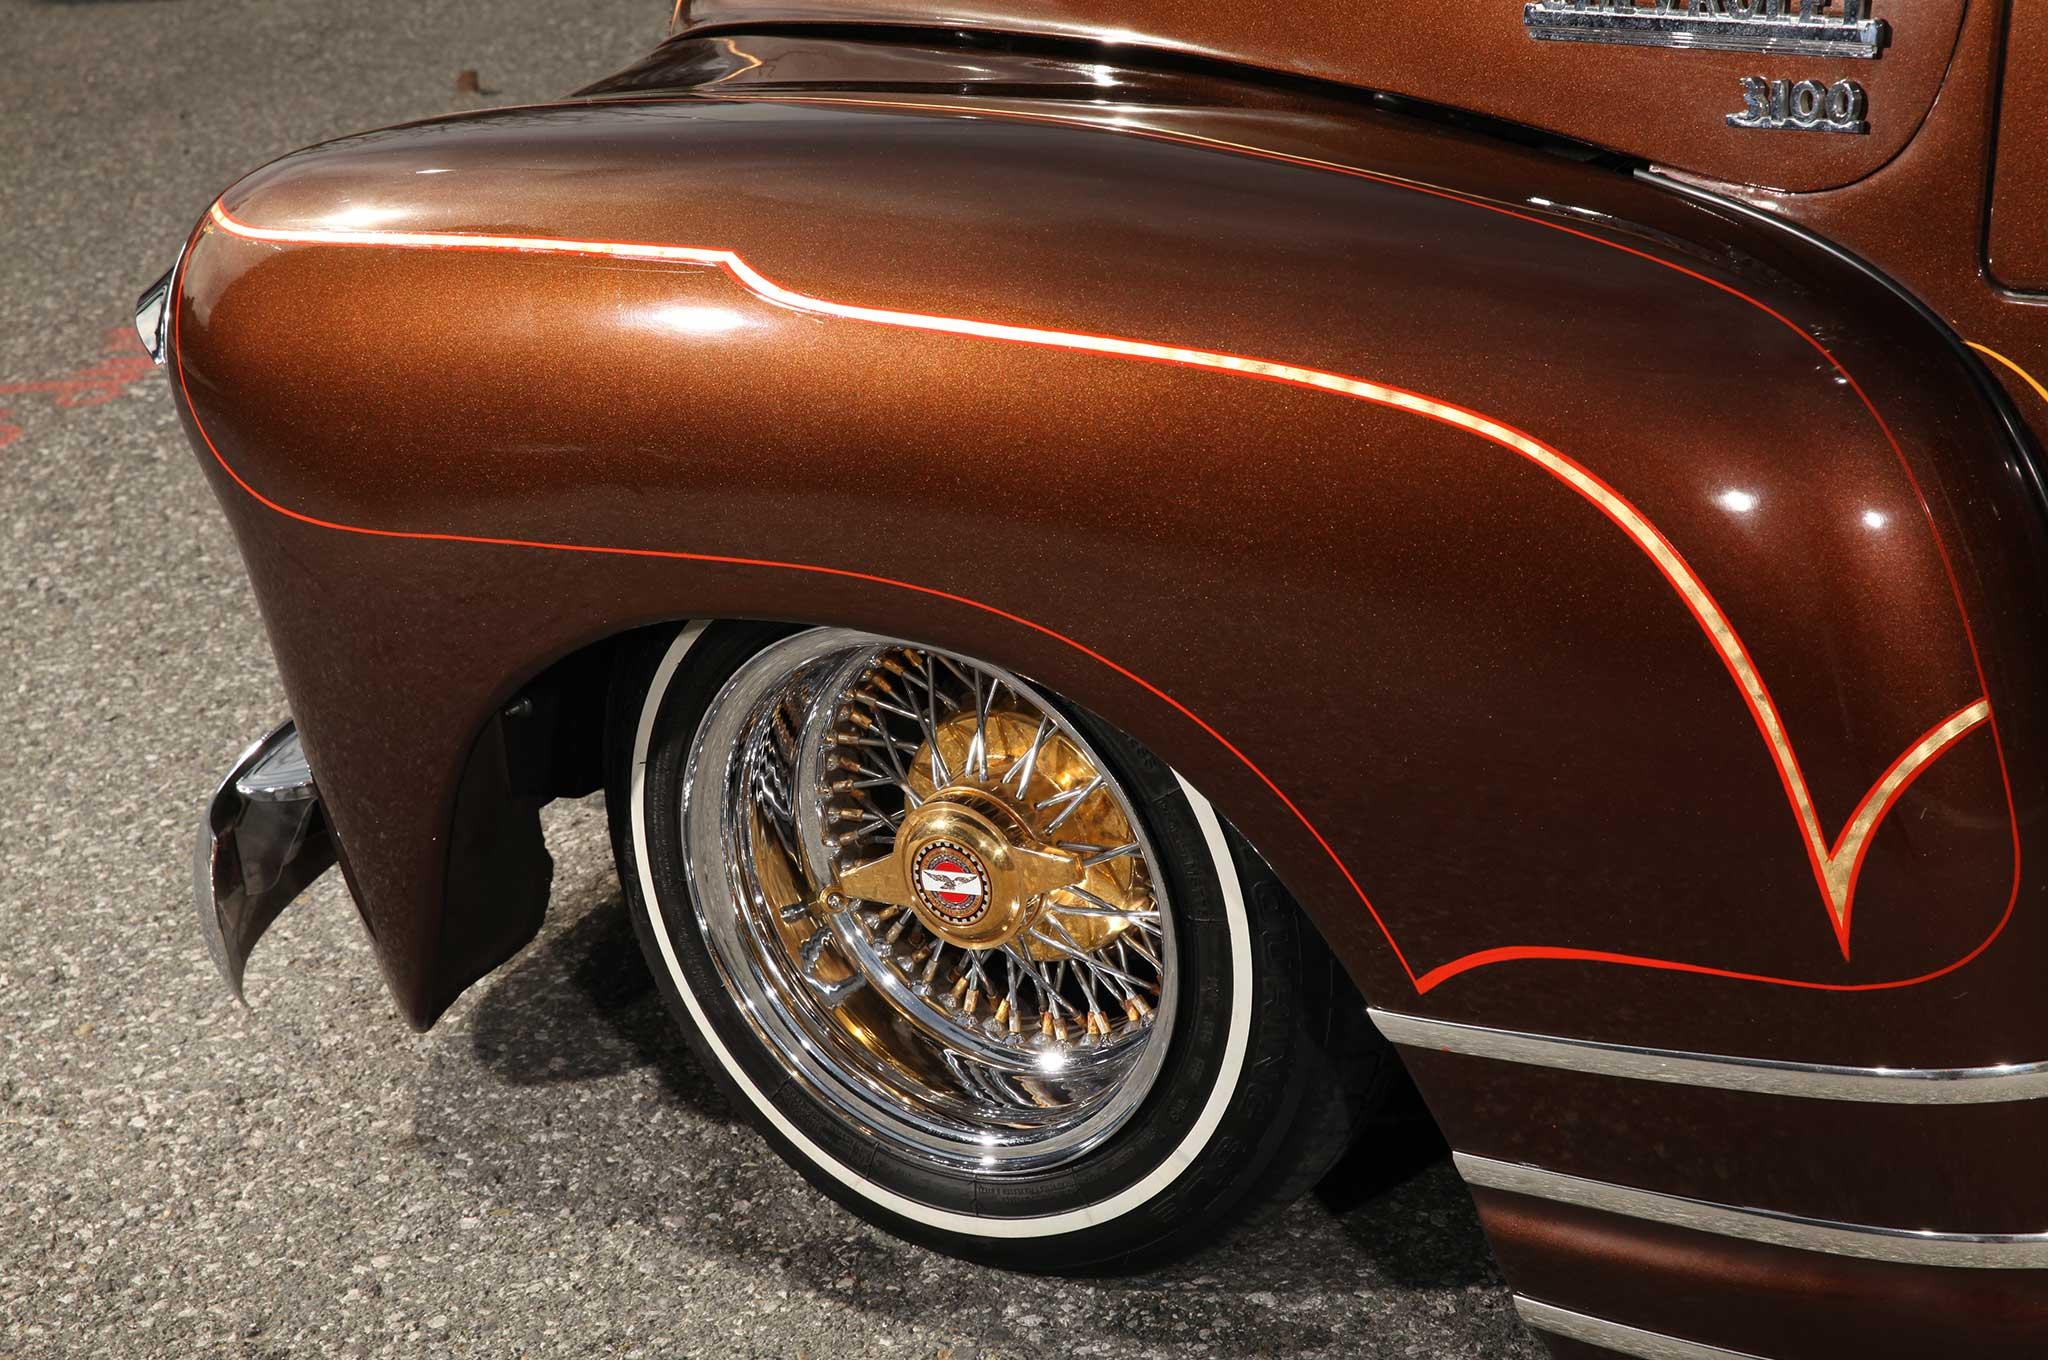 Wire Wheels Chevy Suburban Data Wiring Bat Detectorschematicpng 1948 Chevrolet Front Fender Zenith Wheel Lowrider Rh Com 2007 With